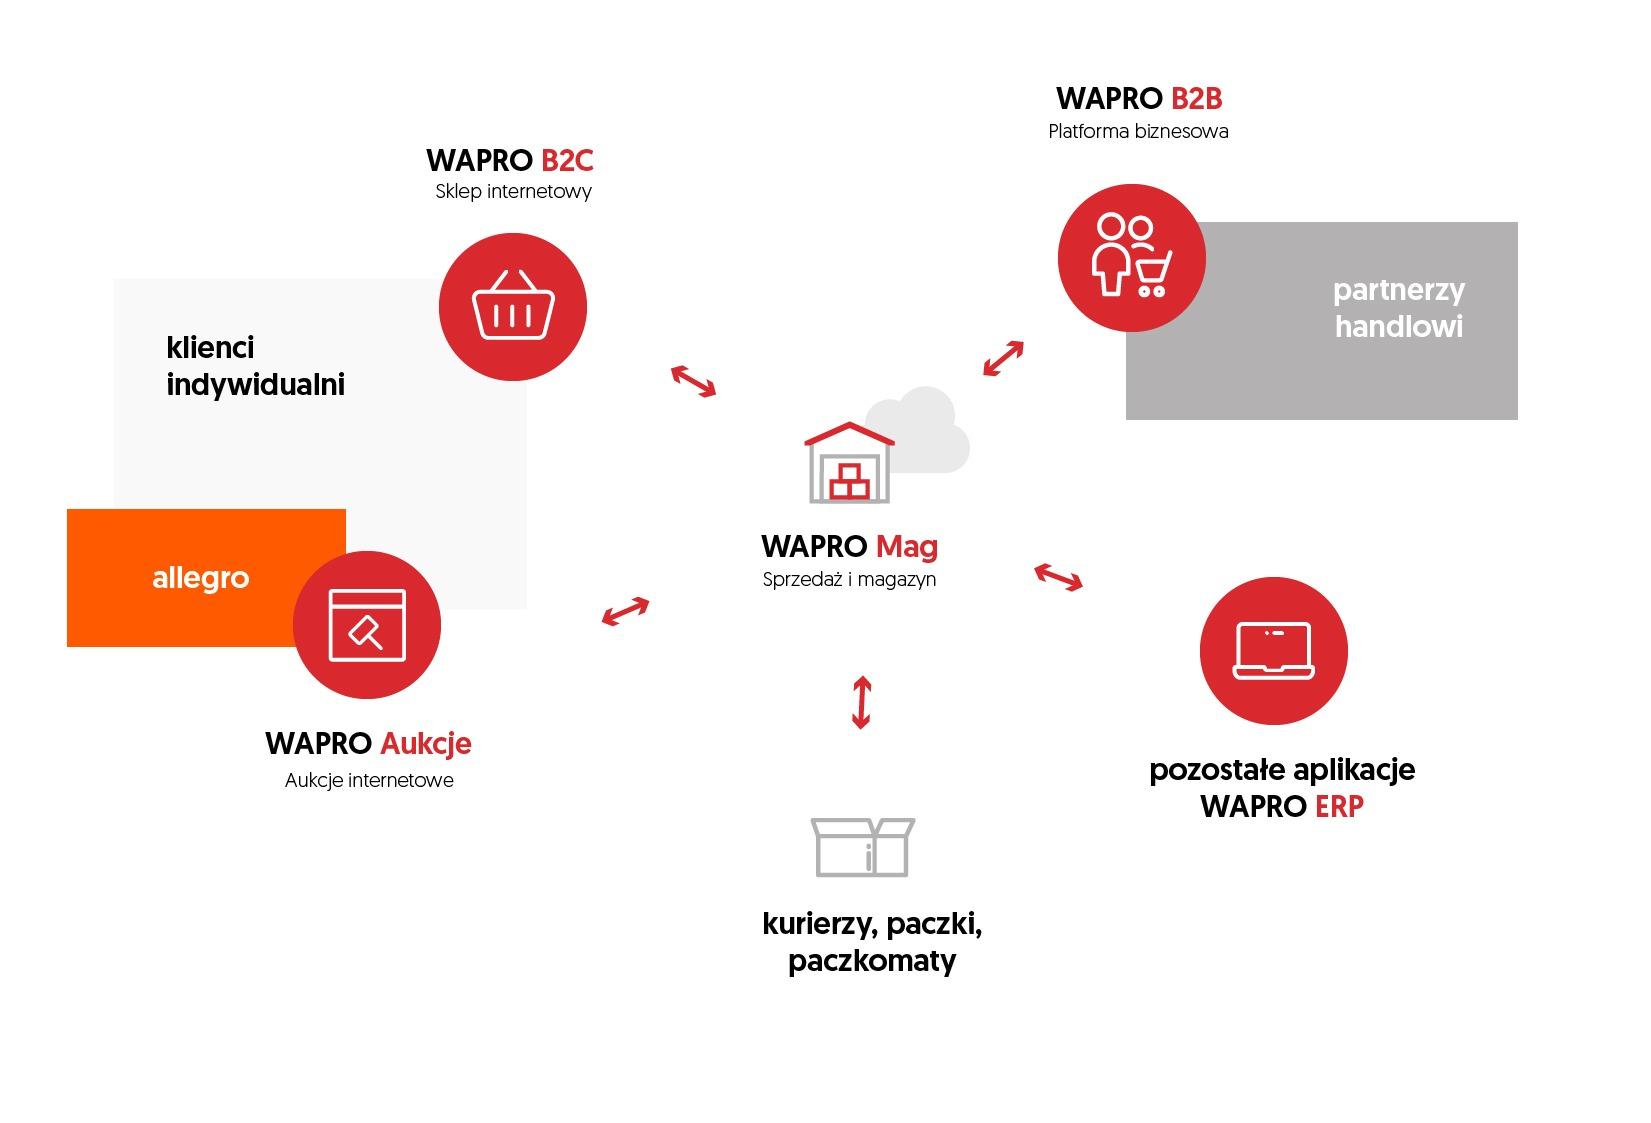 Program dla sklepu i pakiet rozwiązań e-commerce